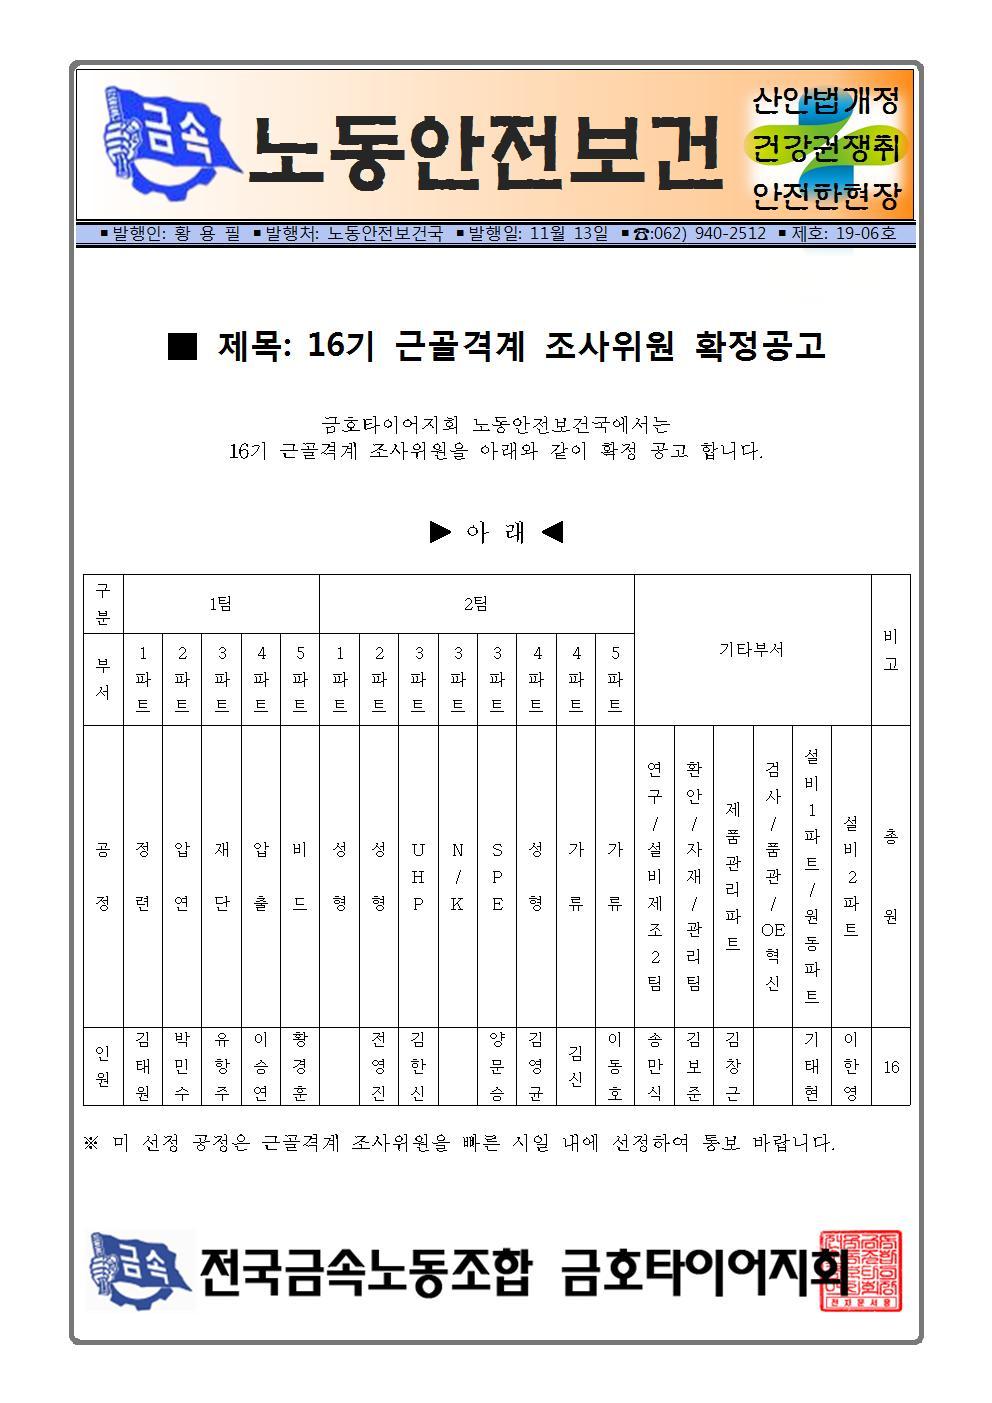 19-06 근골격계 조사위원 확정공고.jpg